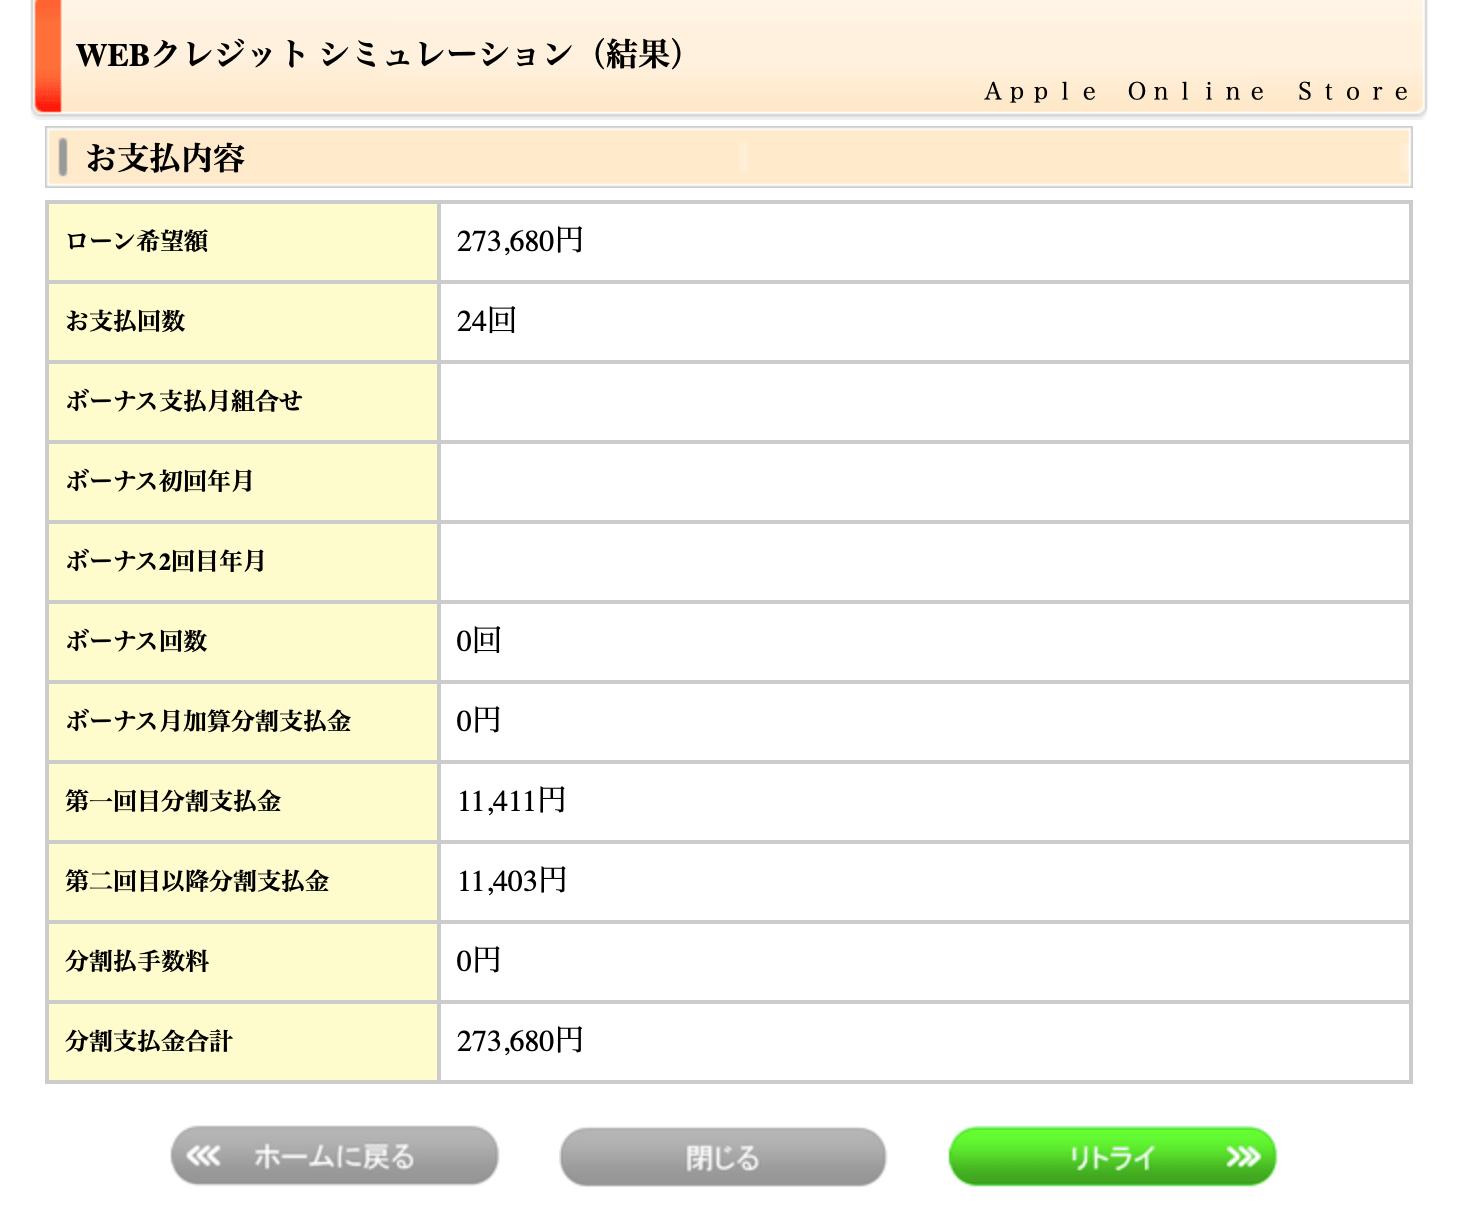 16インチ MacBook ProをApple「ショッピングローン24回払い」で購入すると月々いくらになるのか!?